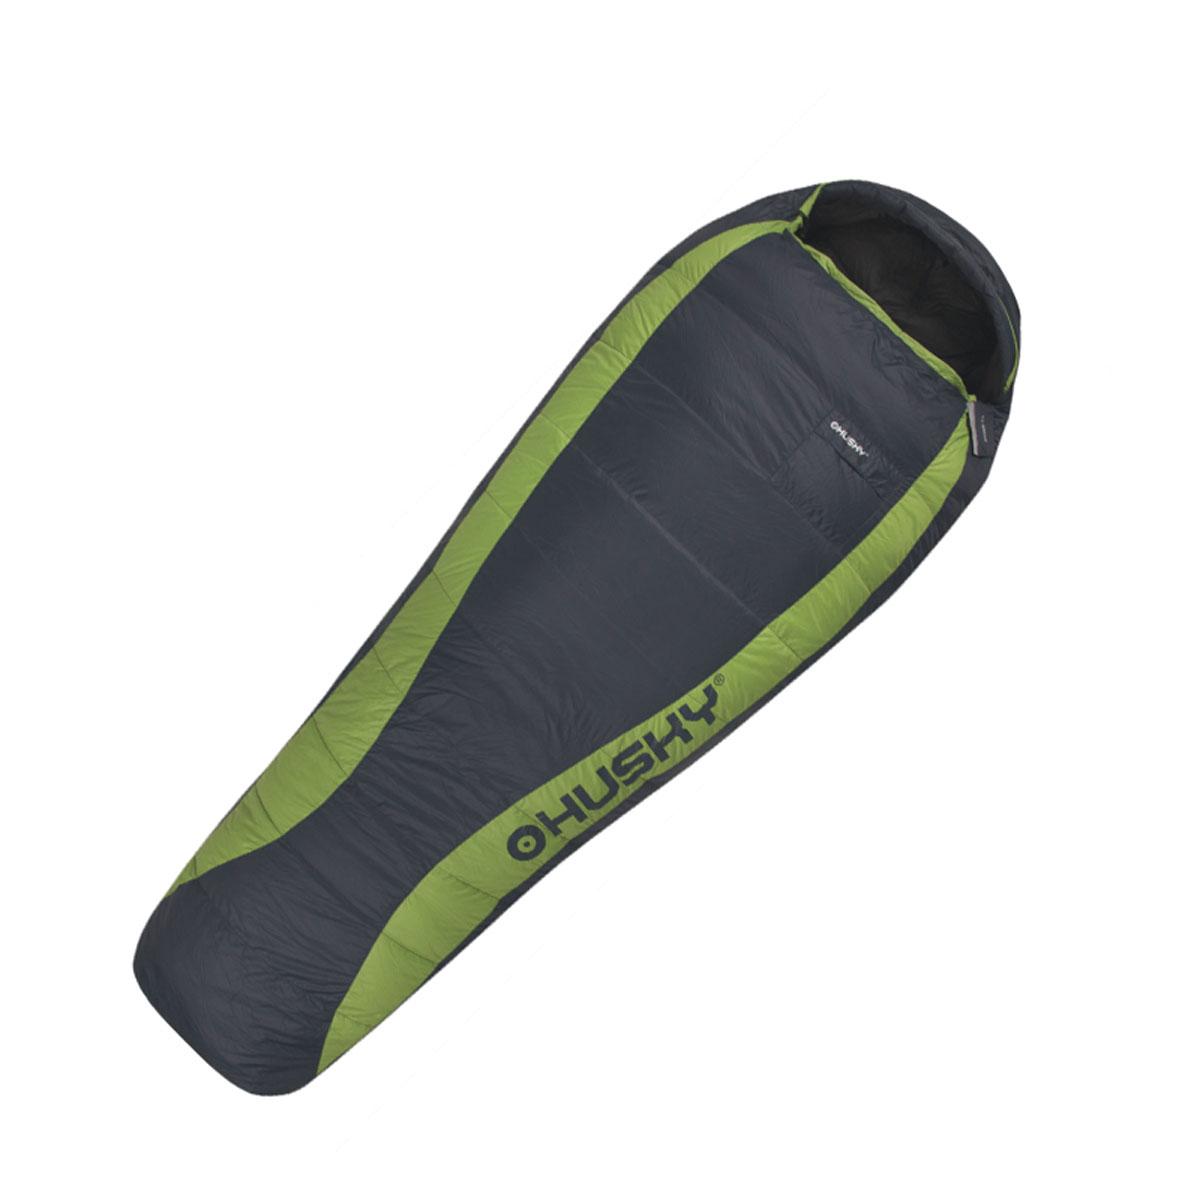 Спальный мешок Husky Dinis, левосторонняя молния, цвет: серый, зеленый67744Пуховый спальный мешок с весом всего 830 грамм.Самые современные ткани, внутренний воротник, антискользящие полосы, карманы снаружи и внутри, теплыемолнии YKK, компрессионный мешок.Внутренний материал: 380T нейлон.Внешний материал: 20D нейлон Tactel.Утеплитель: гусиный пух 90/10 700 cuin.